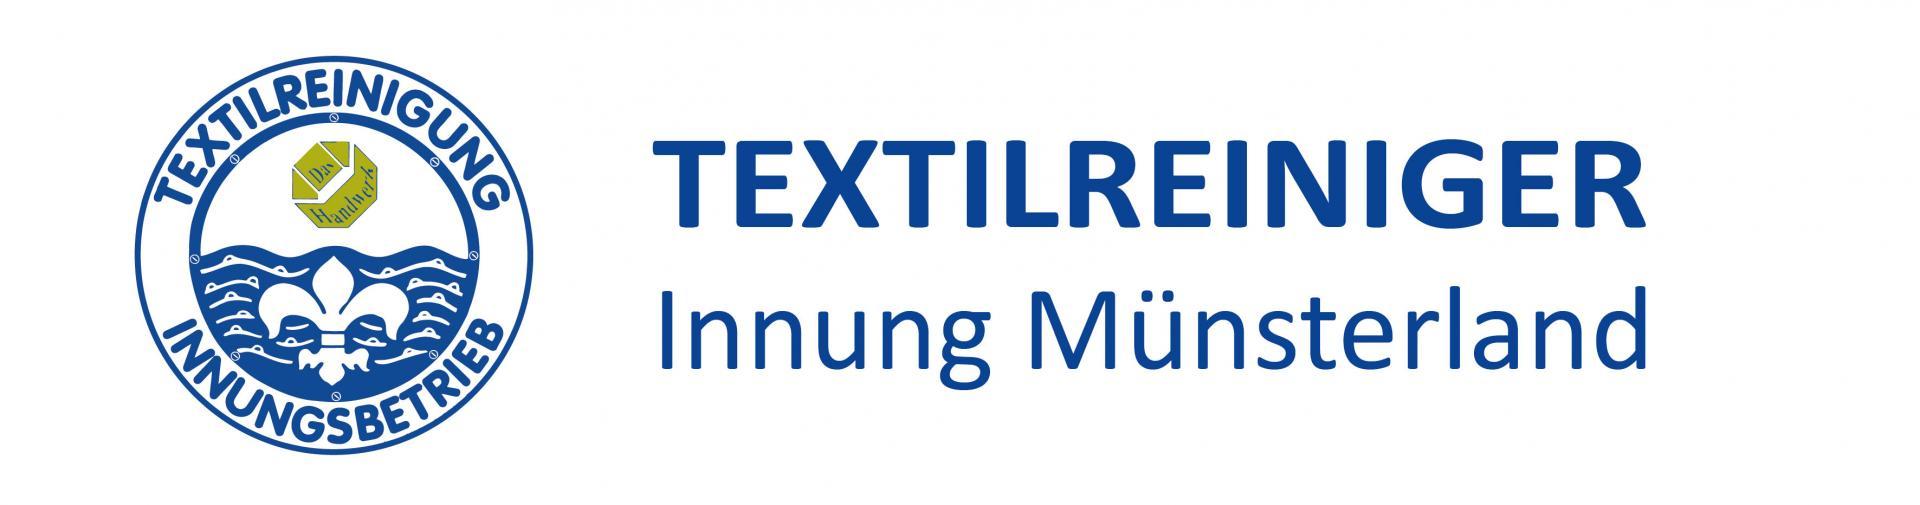 Textilreiniger‐Innung Münsterland